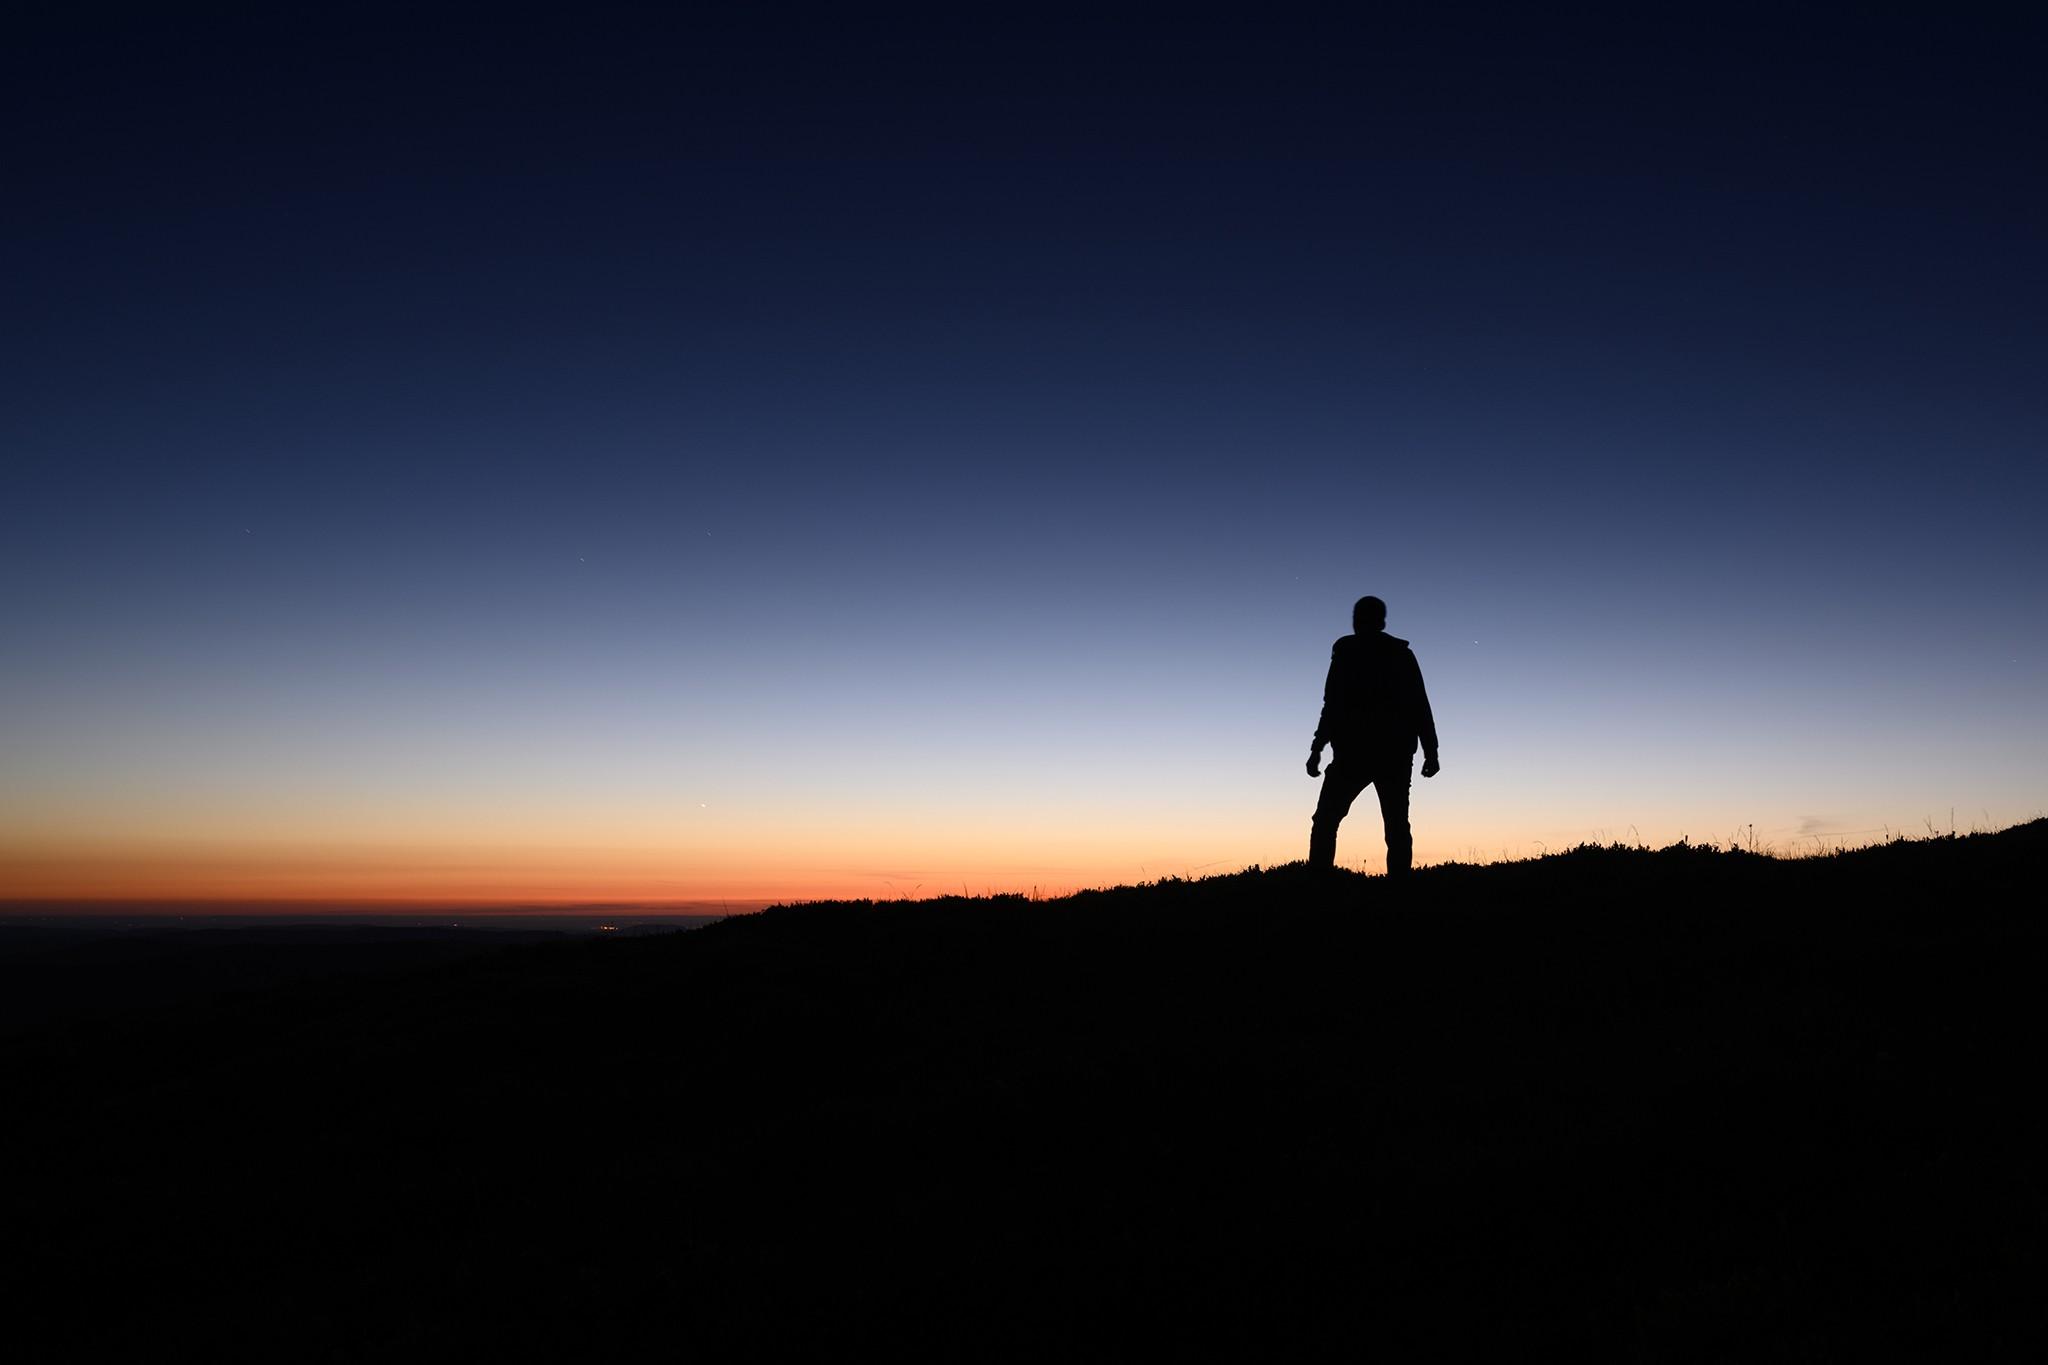 Silhouette dans le coucher de soleil | Vosges © Pierre ROLIN - Photographe Nancy - Lorraine / Grand Est